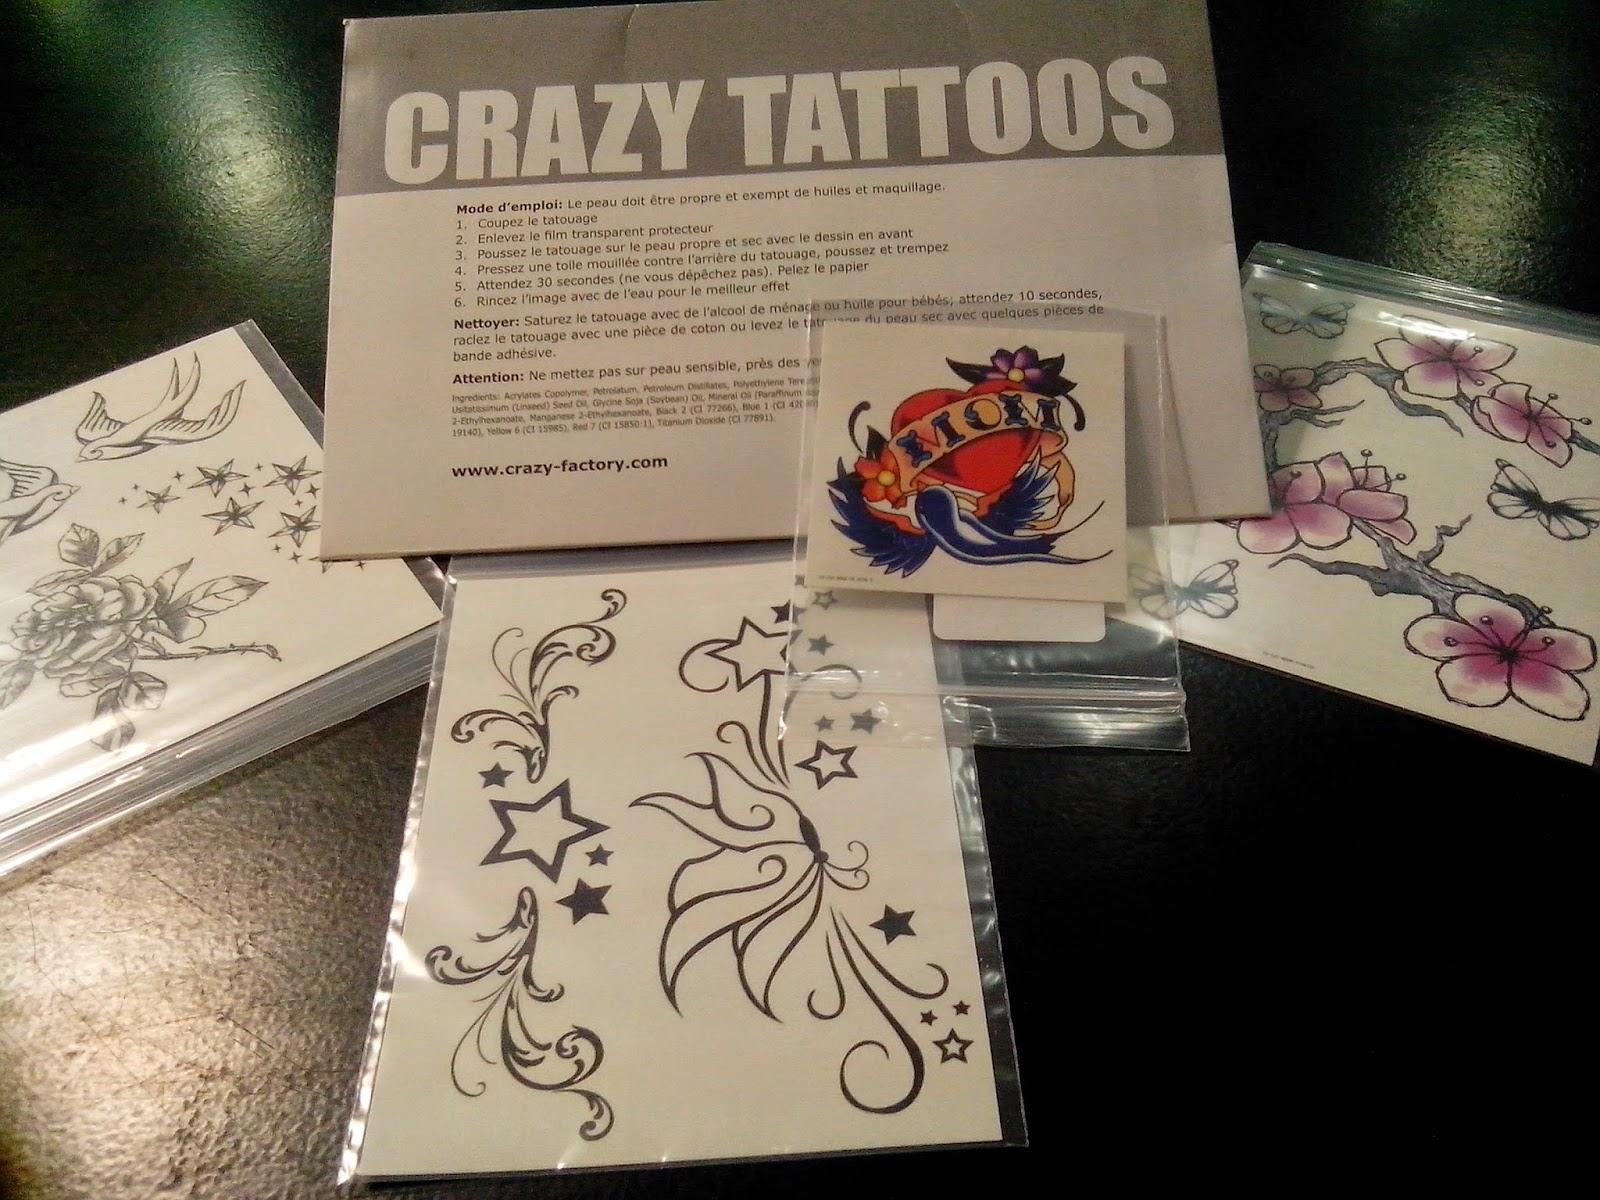 http://www.crazy-factory.com